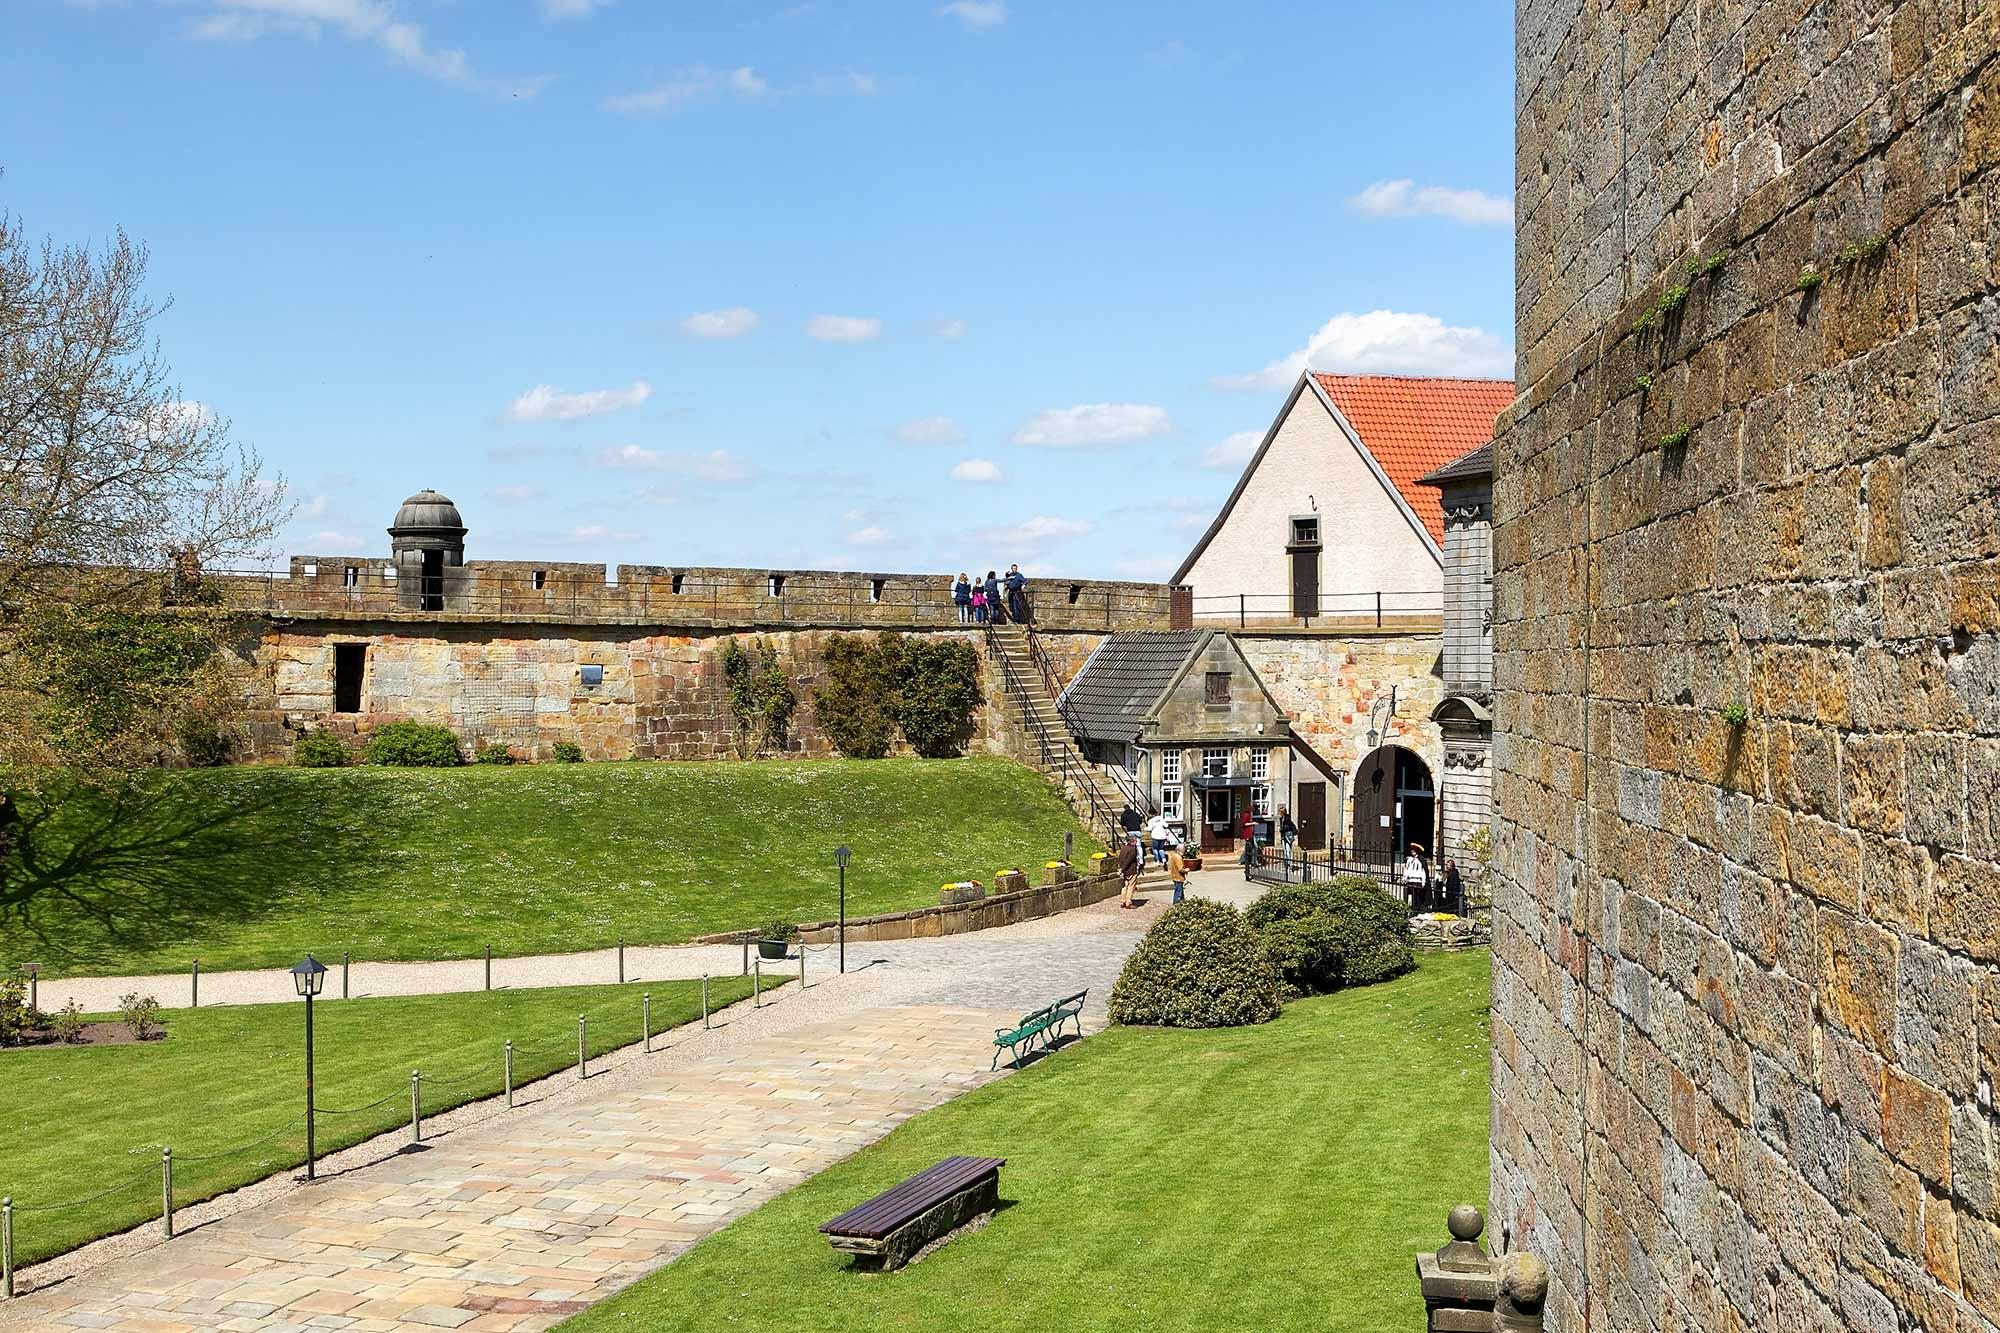 Innenhof und Wehr von Burg Bentheim ©Andreas Richter